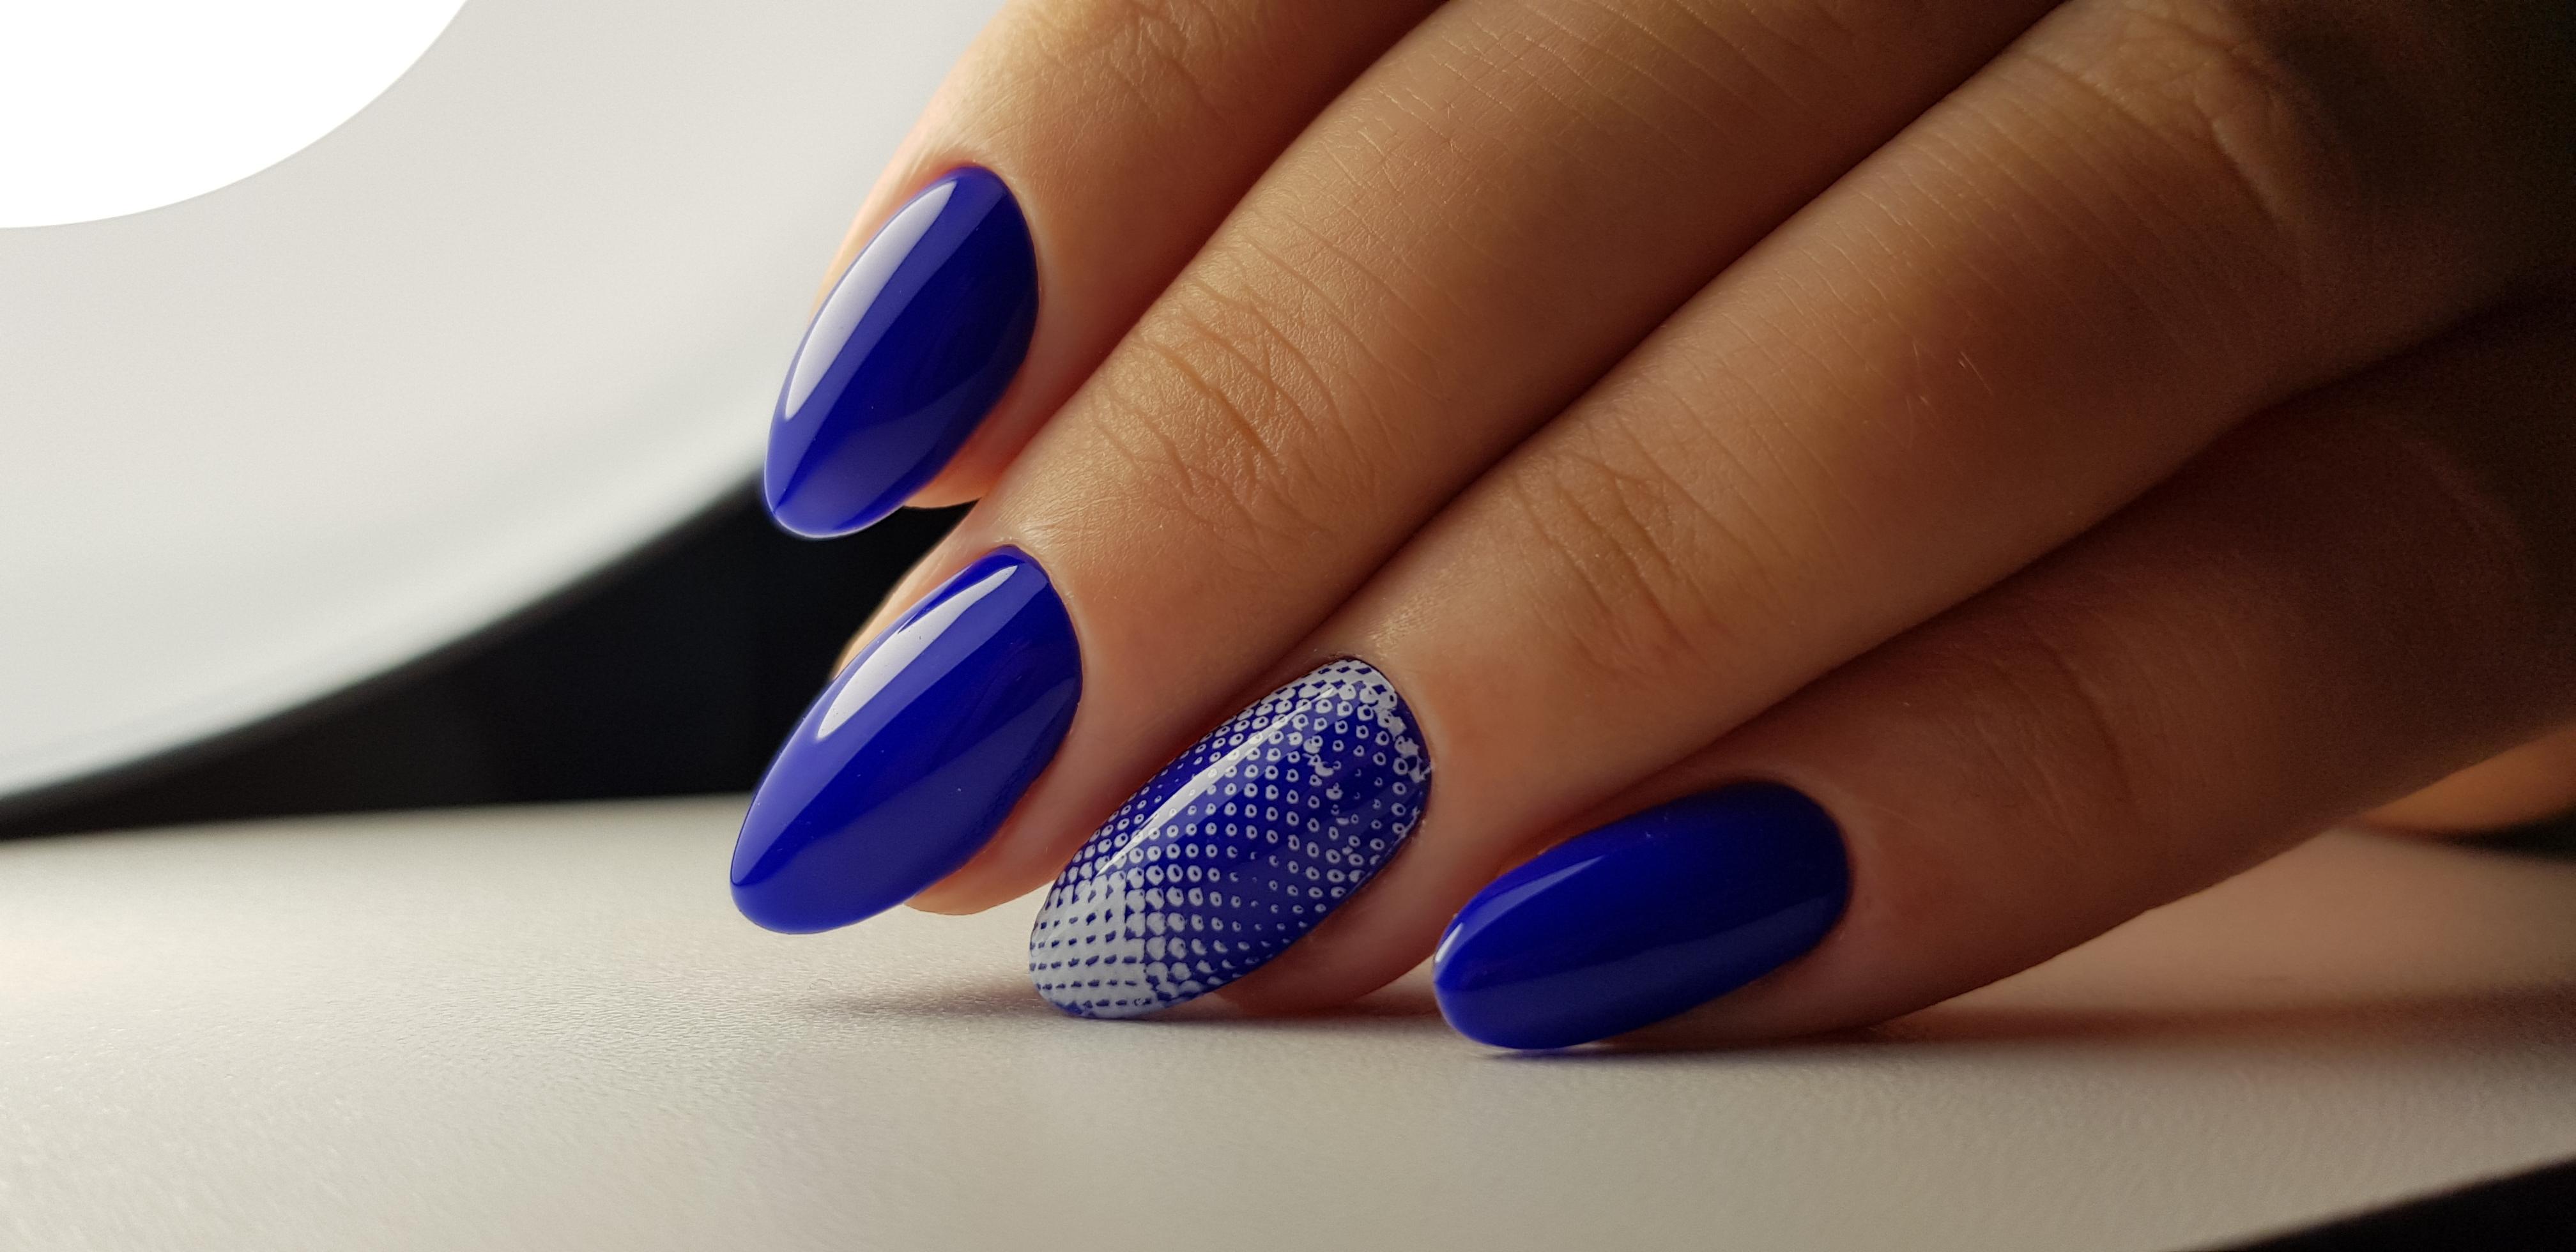 Однотонный маникюр в синем цвете с абстрактным рисунком.